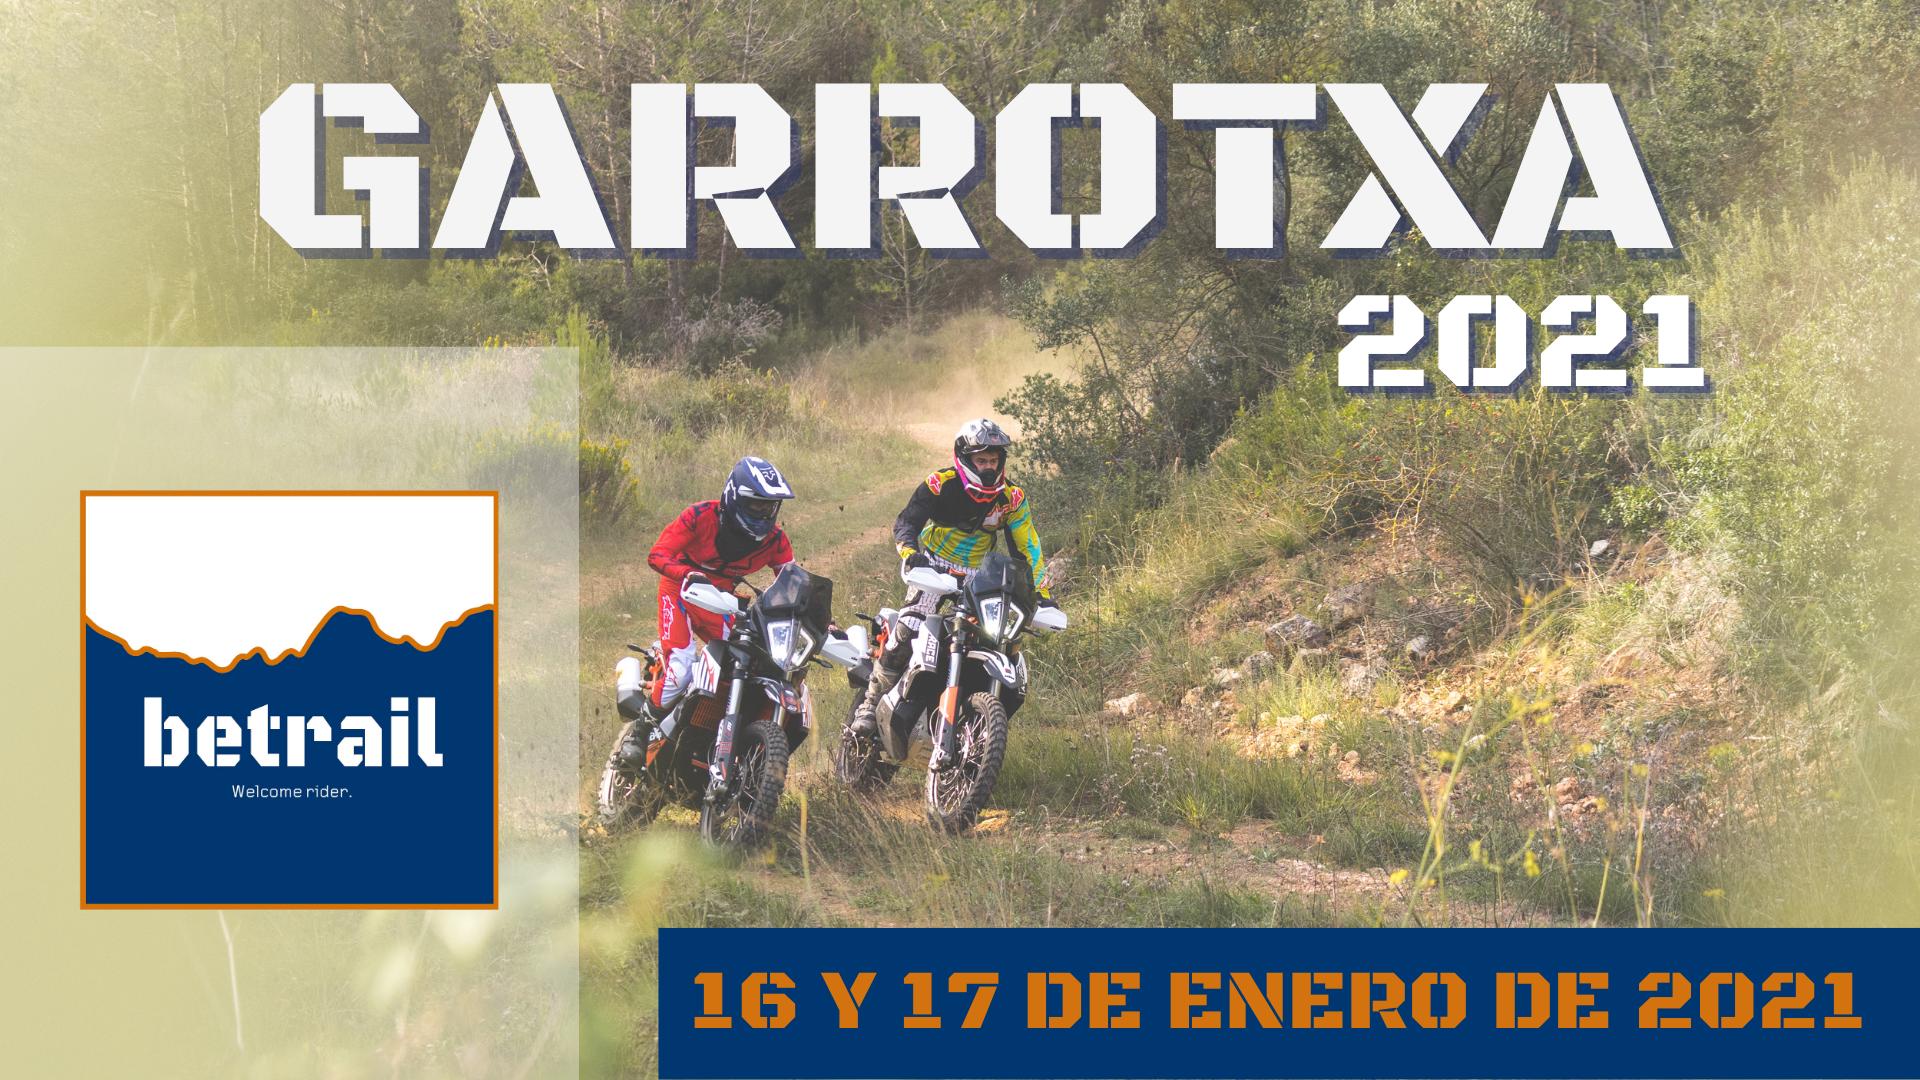 Ruta Garrotxa 2021 - betrail moto